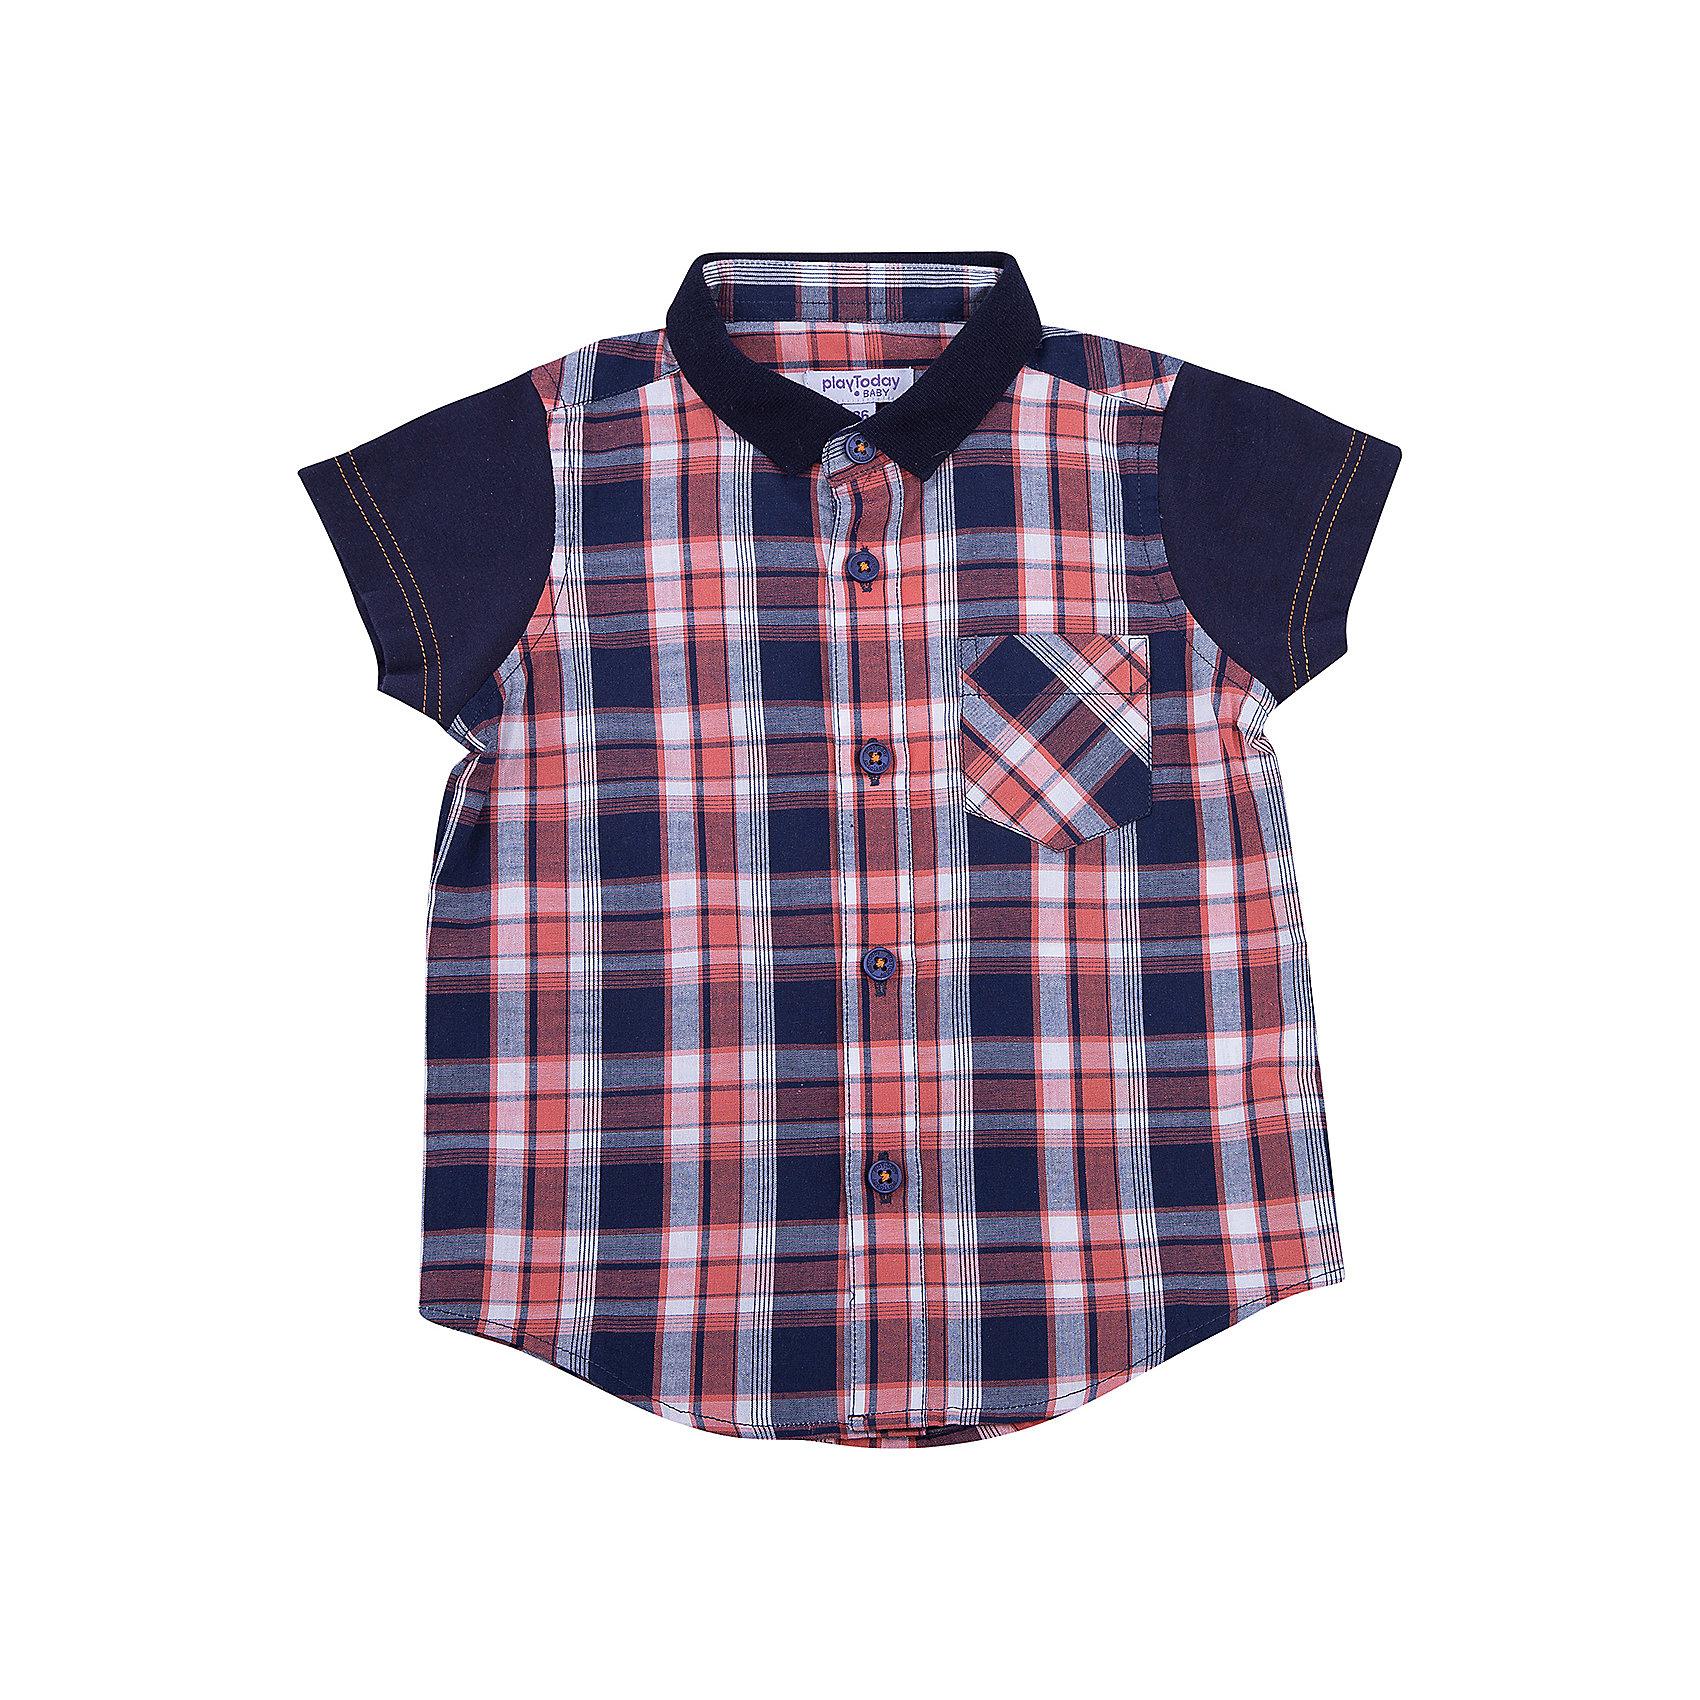 Рубашка для мальчика PlayTodayКофточки и распашонки<br>Рубашка для мальчика PlayToday<br>Эффектная сорочка с коротким рукавом для мальчика в стиле кантри.  Практична и очень удобна для повседневной носки. Ткань  мягкая и приятная на ощупь, не раздражает нежную детскую кожу. Стиль отвечает всем последним тенденциям детской моды.  Рубашка с отложным воротничком и накладным карманом. Даже в самой активной игре  Ваш ребенок будет всегда иметь аккуратный вид.Преимущества: Качественная тонкая ткань не раздражает нежную кожу ребенкаМодель с отложным воротником  и накладным карманом<br>Состав:<br>100% хлопок<br><br>Ширина мм: 157<br>Глубина мм: 13<br>Высота мм: 119<br>Вес г: 200<br>Цвет: разноцветный<br>Возраст от месяцев: 18<br>Возраст до месяцев: 24<br>Пол: Мужской<br>Возраст: Детский<br>Размер: 92,74,80,86<br>SKU: 5407855